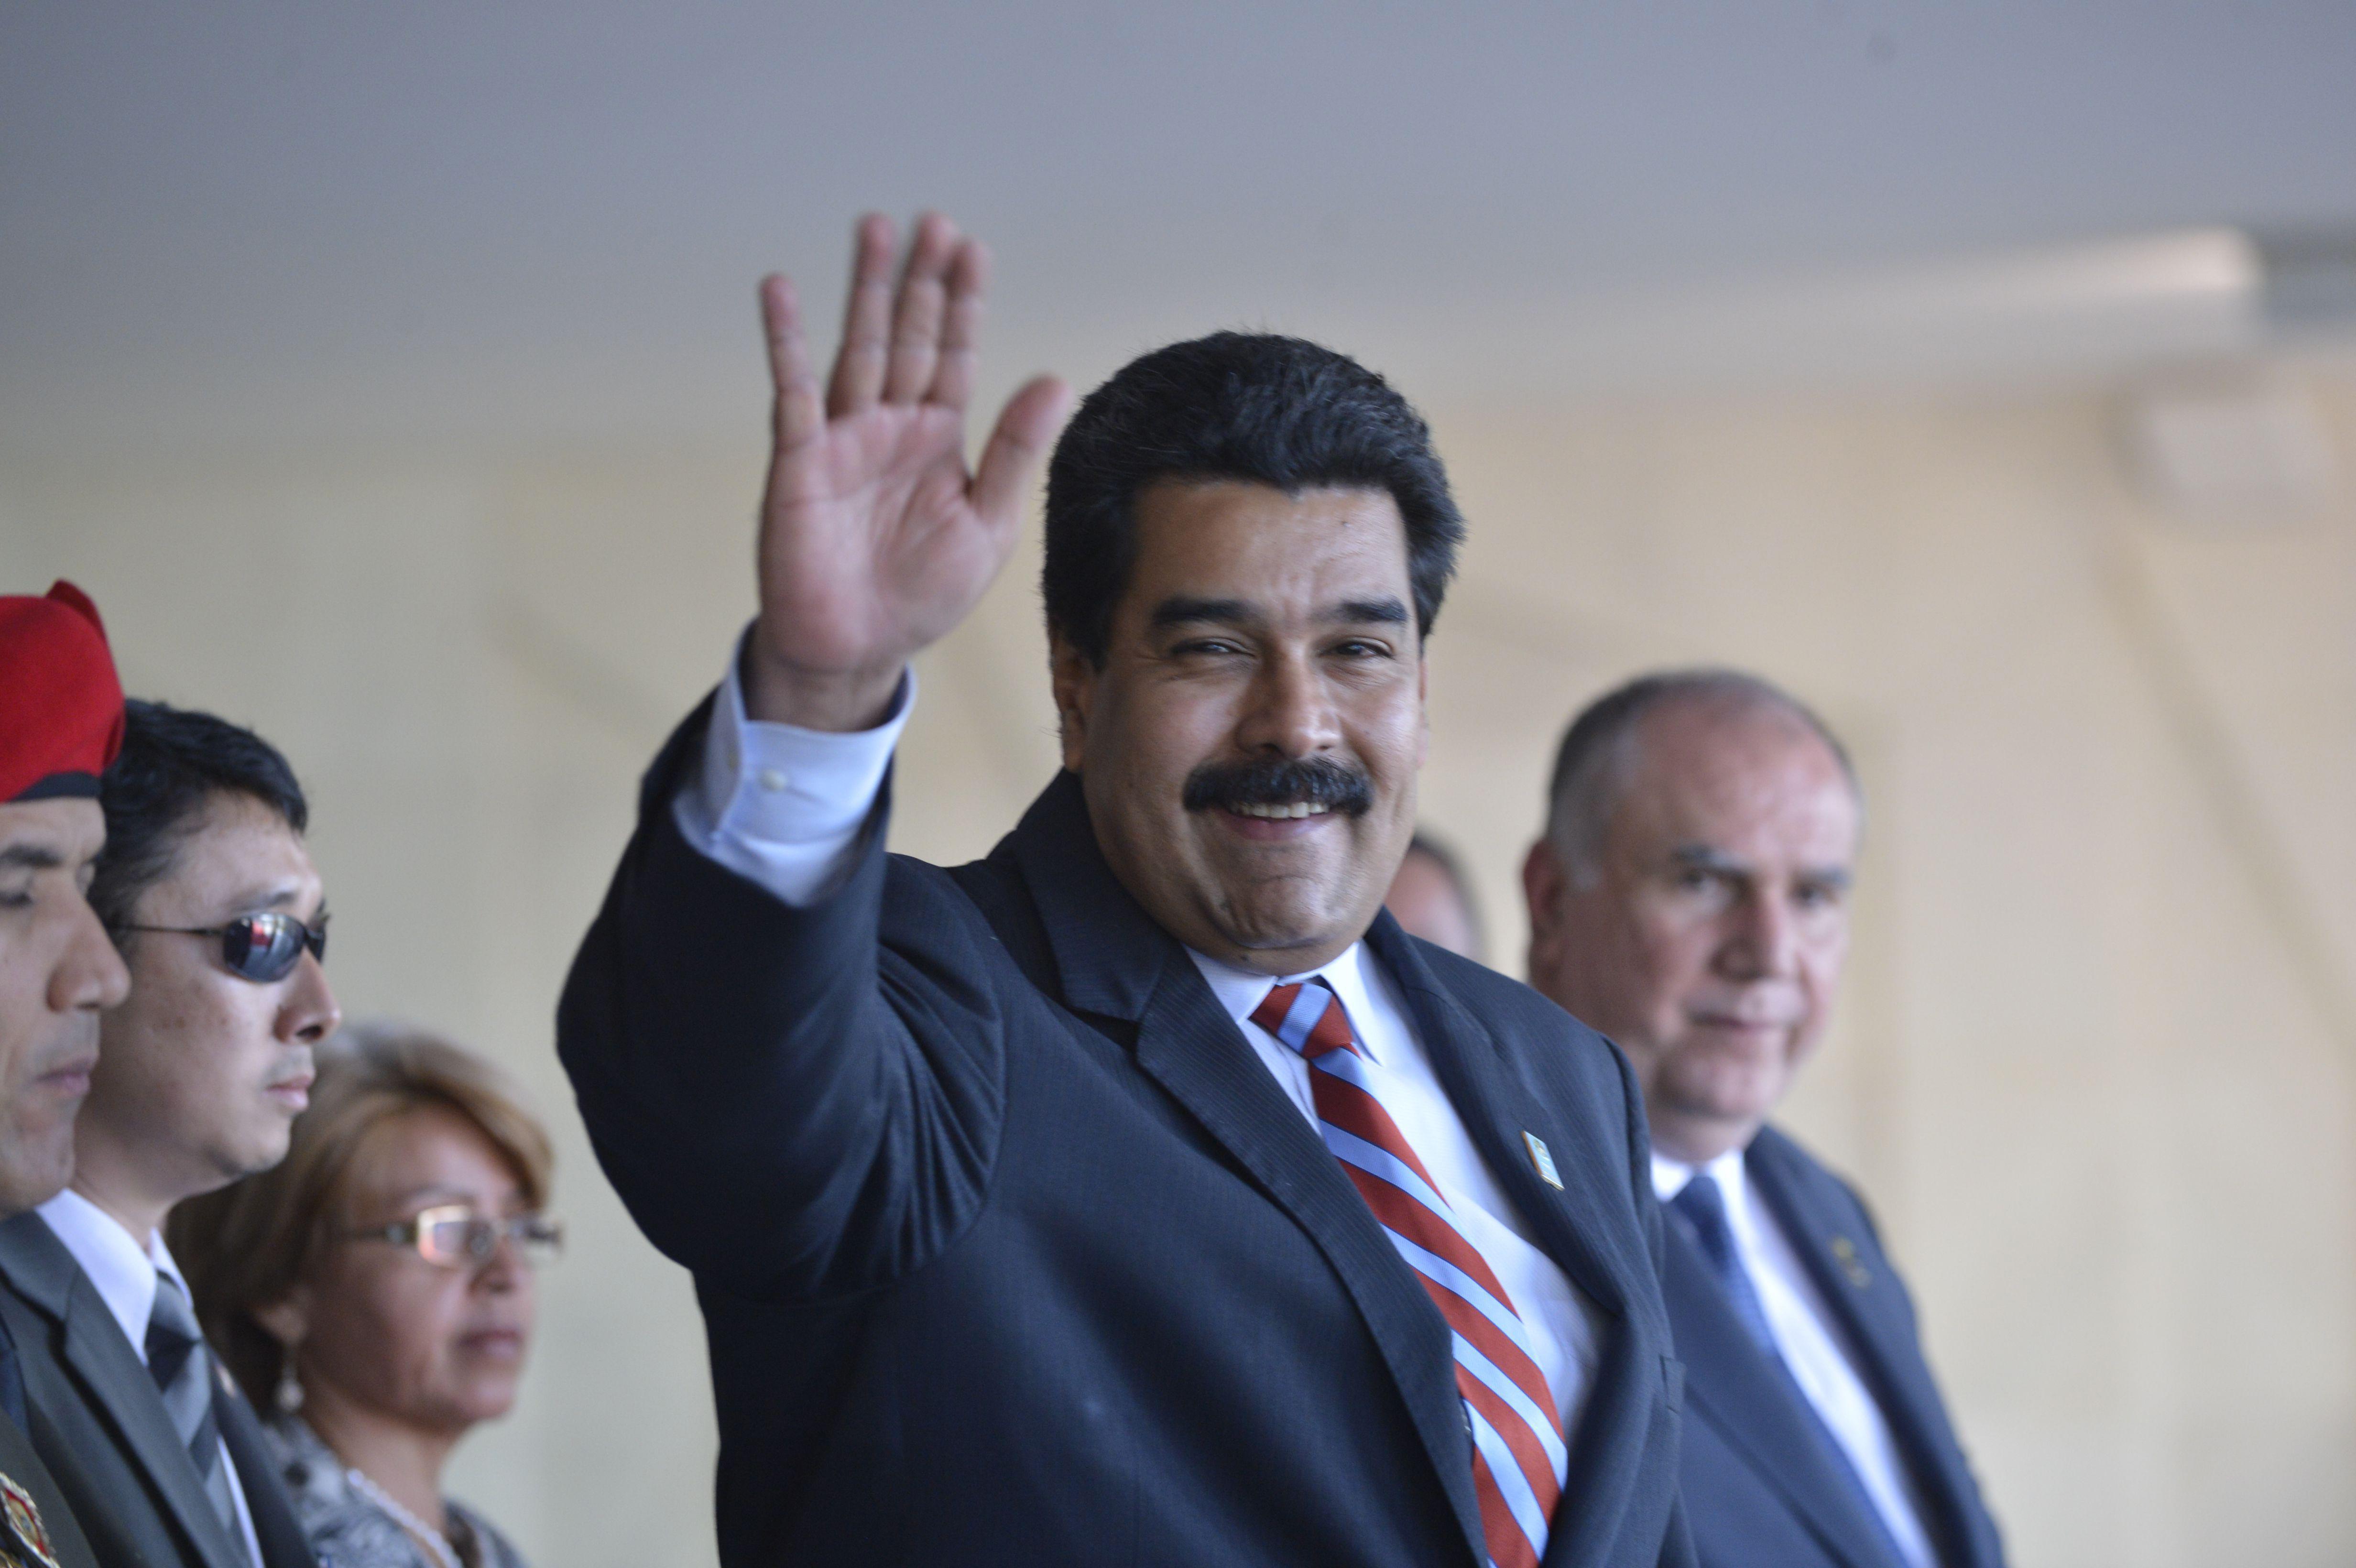 IMAGEM: O crachá dos milicianos de Maduro